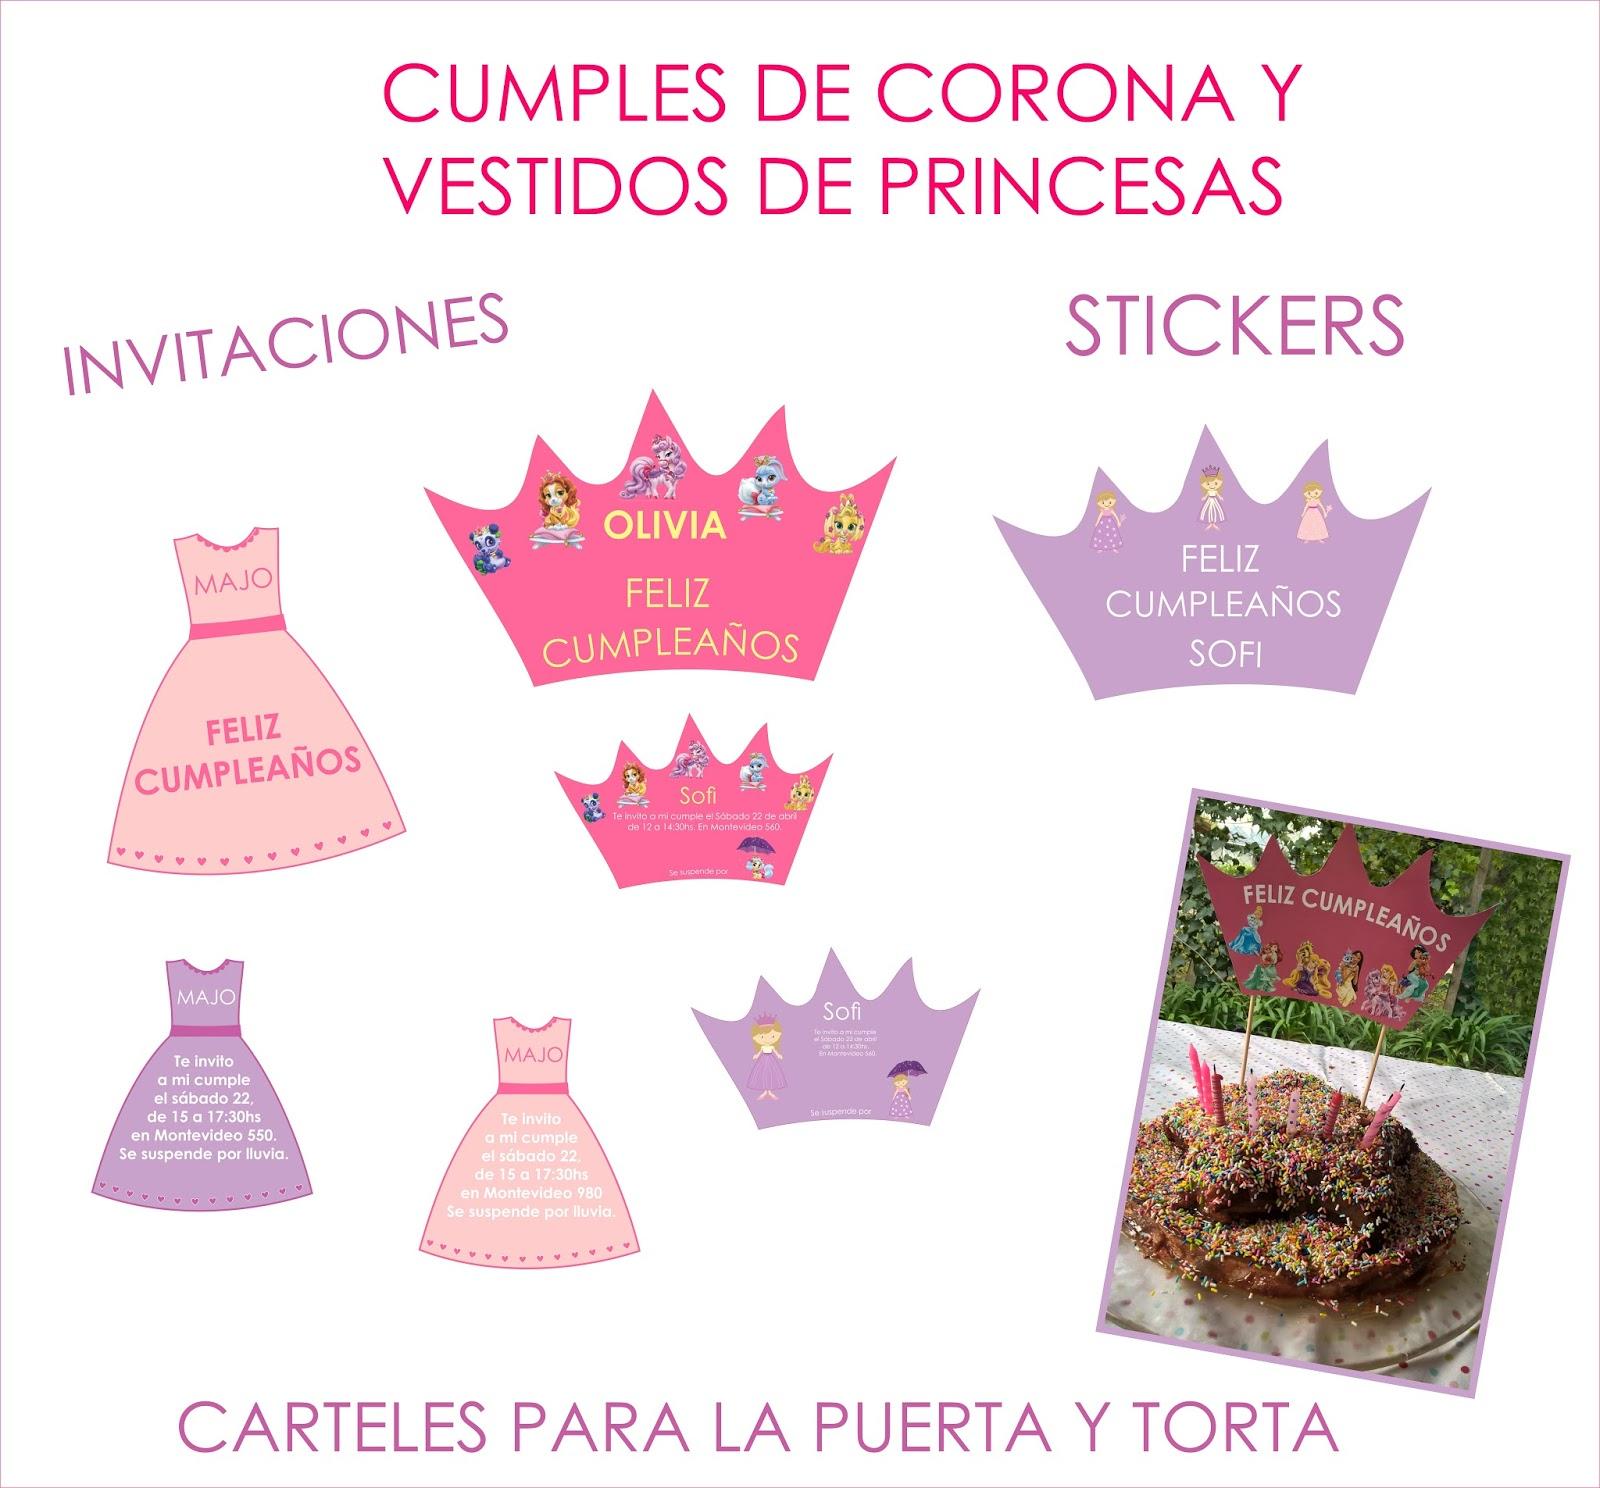 Coronas Para Decorar Cuadernos.Fantasia En Tranvia Cumples De Coronas Y Vestidos De Princesas